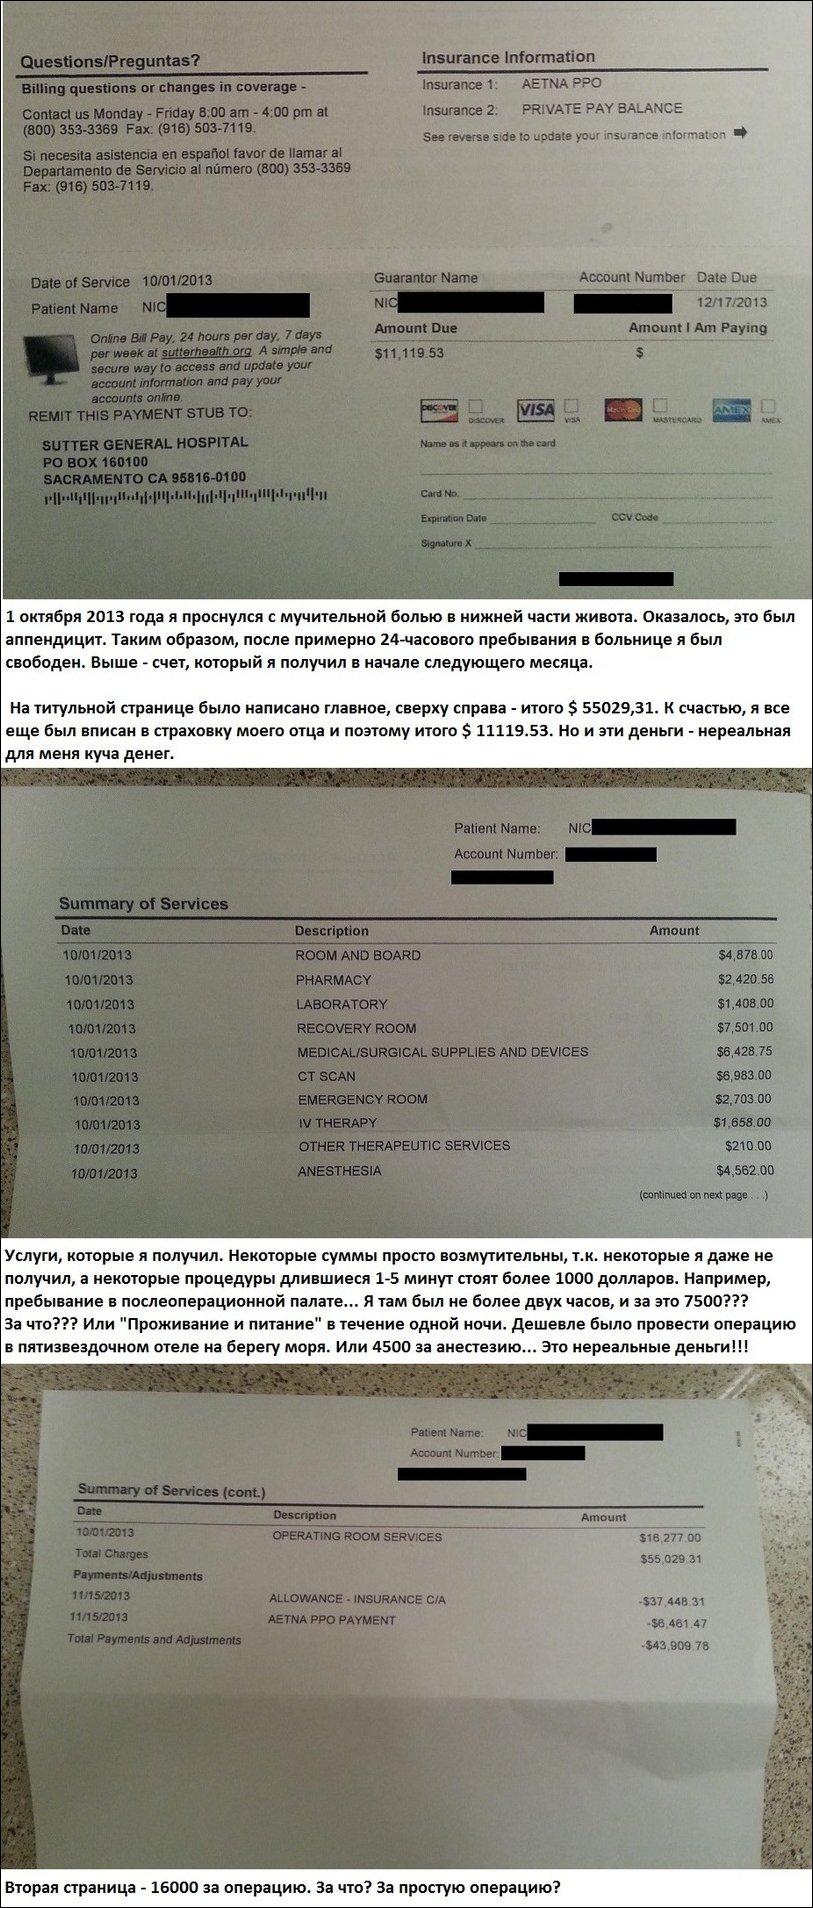 Стоимость операции без страховки